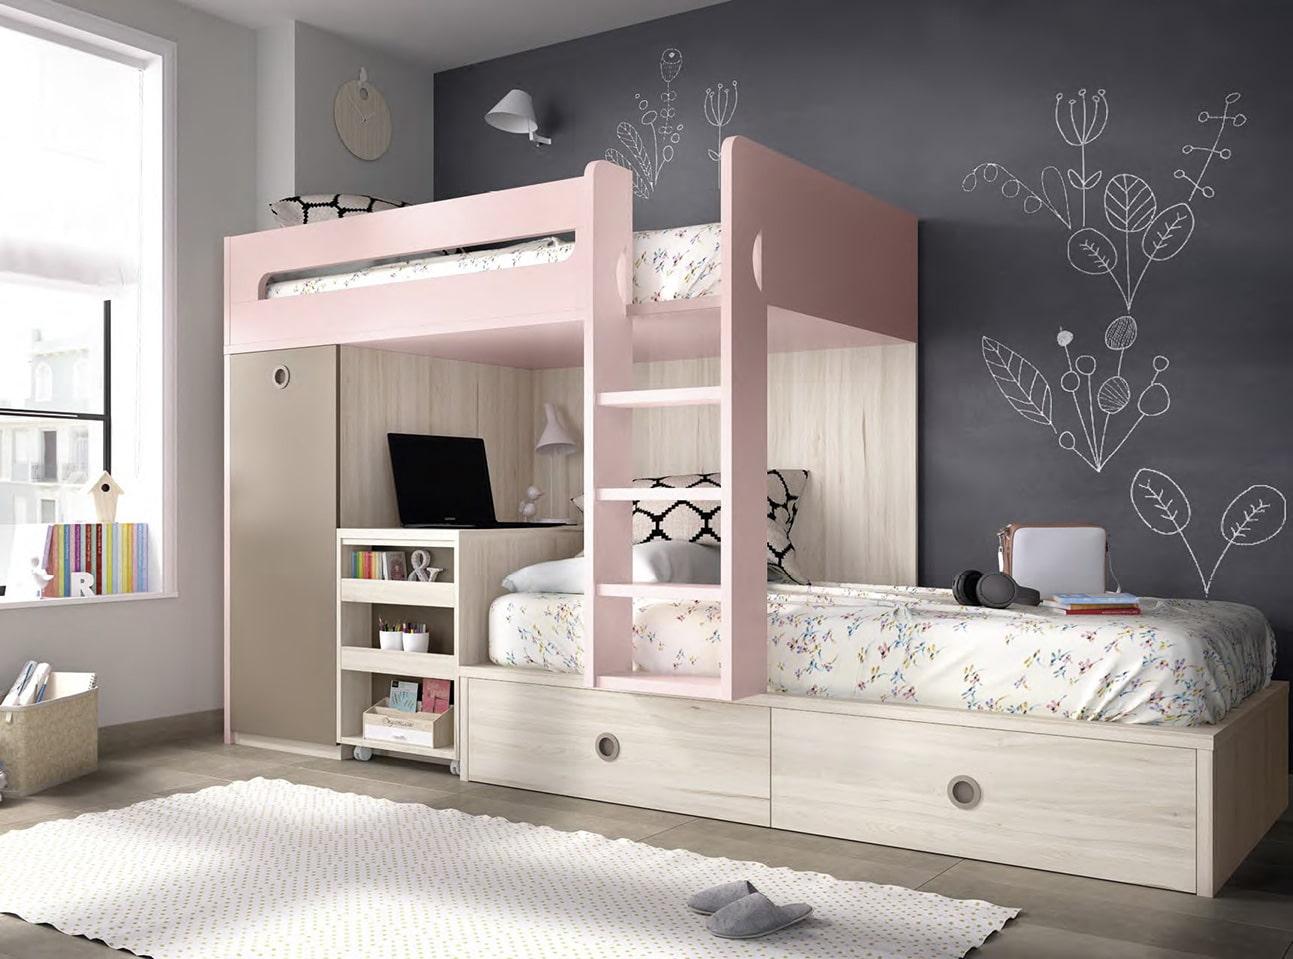 camas-block-Mundo-Joven-muebles-paco-caballero-512-5caf6816e0025